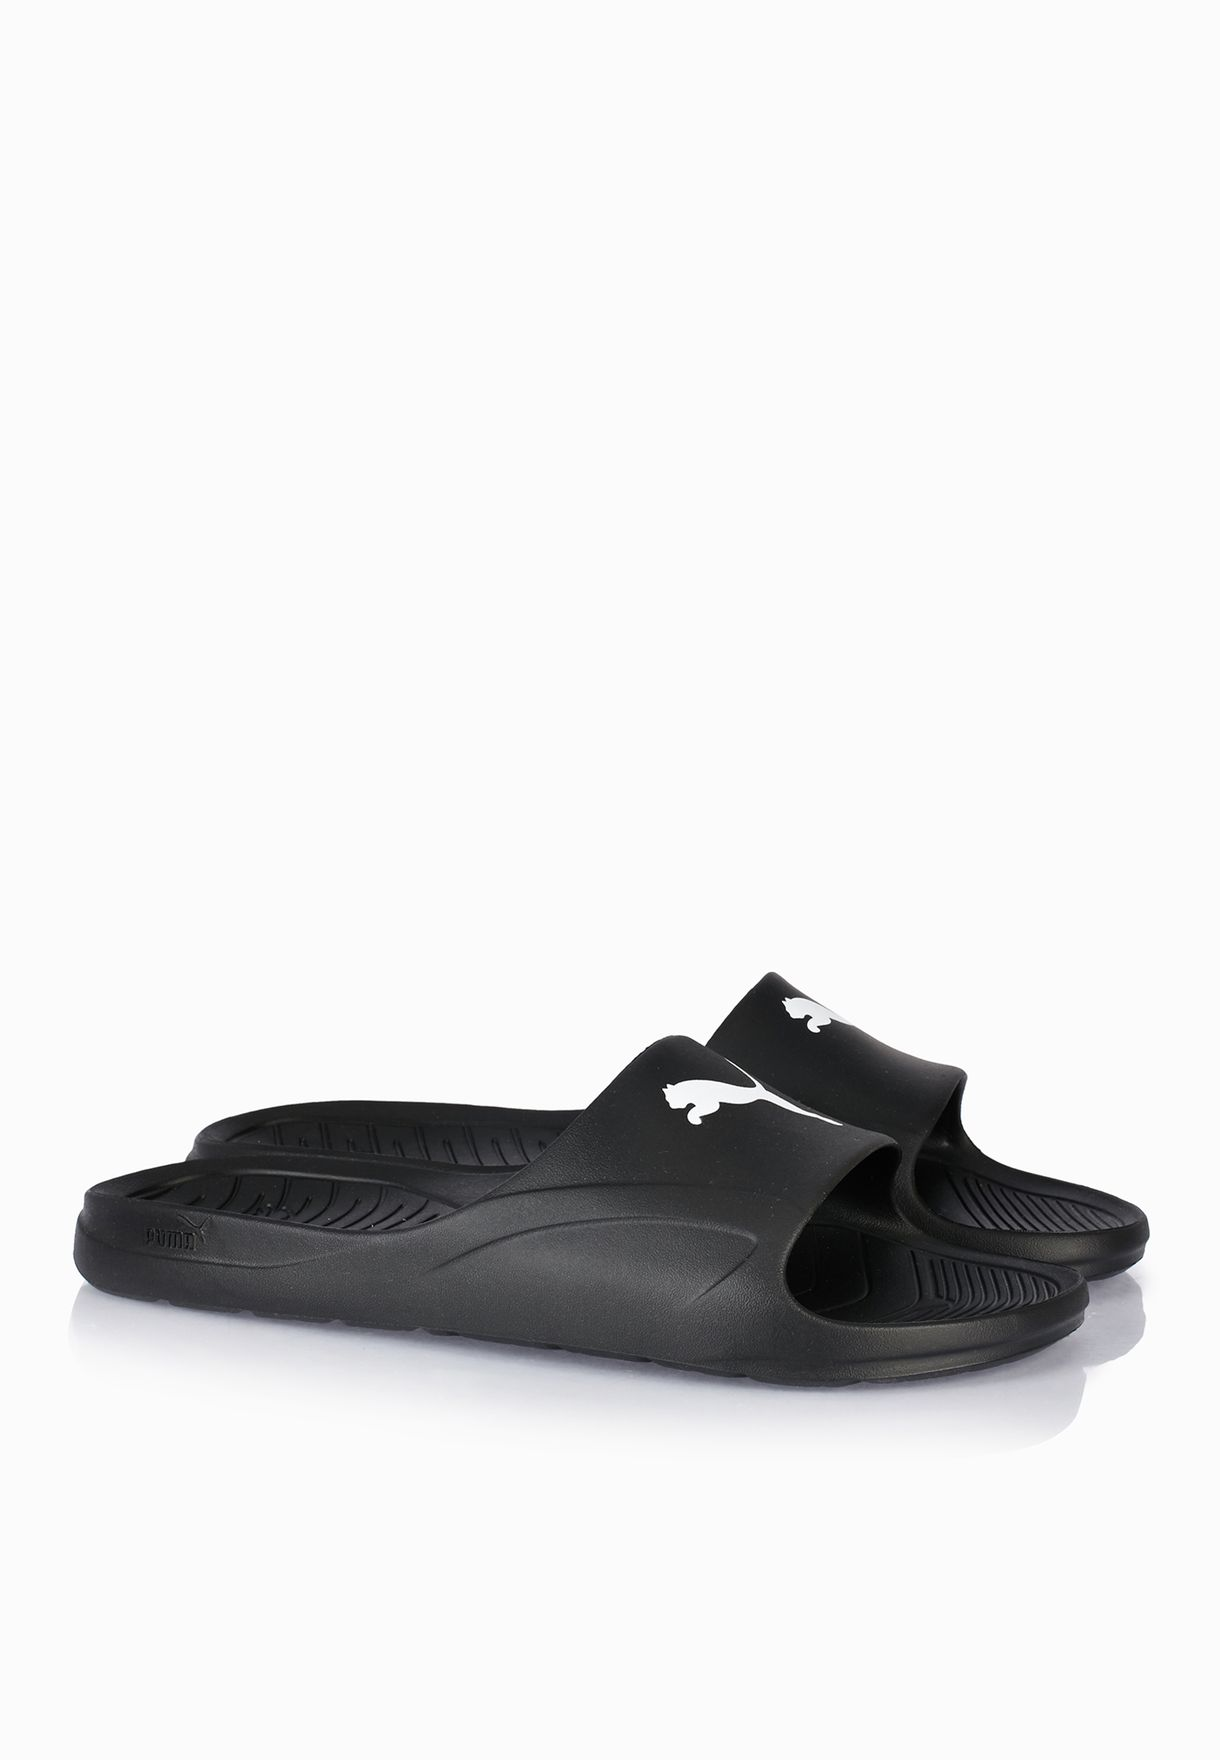 dae748b19e3 Shop PUMA black Divecat Sandals 36027402 for Men in Saudi ...